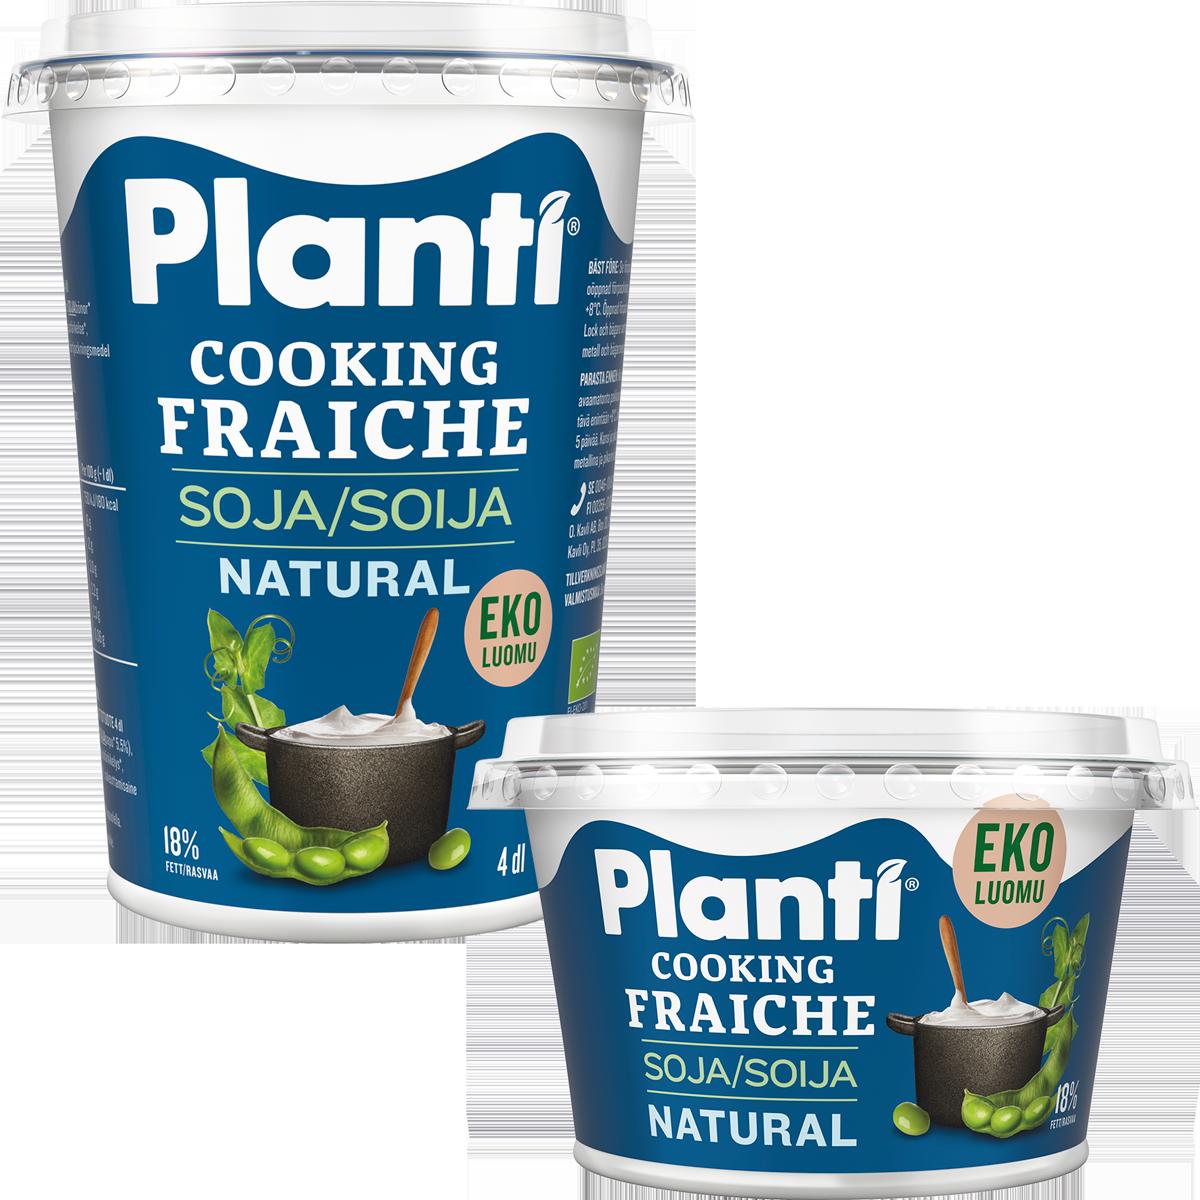 Planti Cooking Fraiche Natural EKO